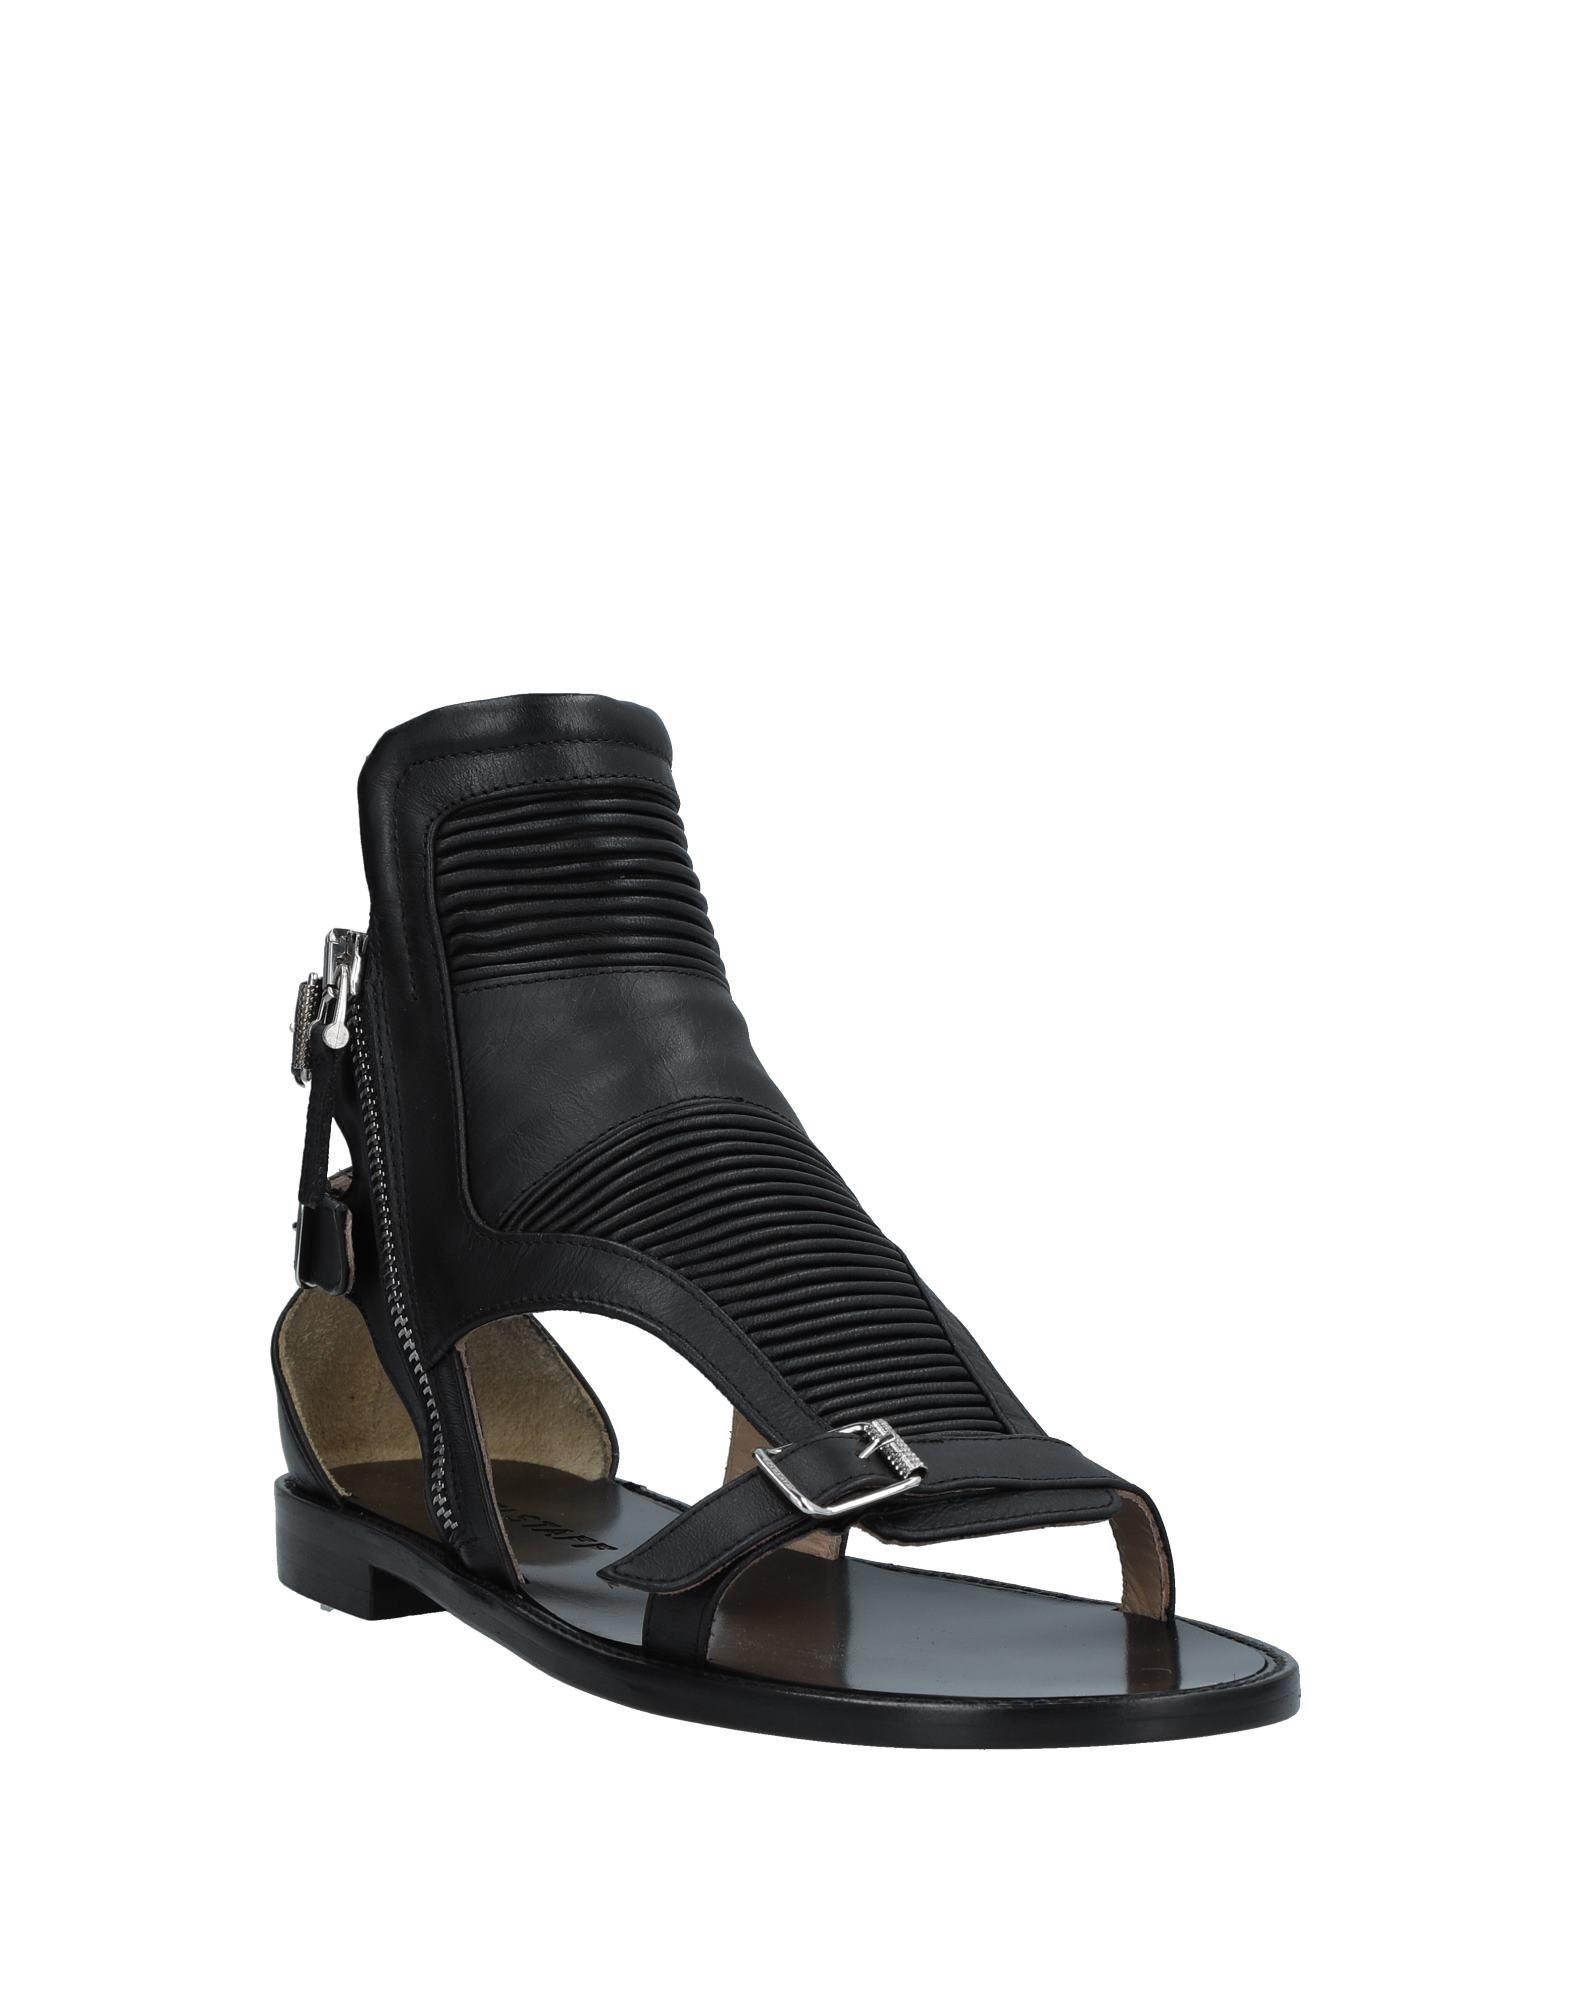 Damen Belstaff Sandalen Damen   11535559LP Heiße Schuhe 53cc58